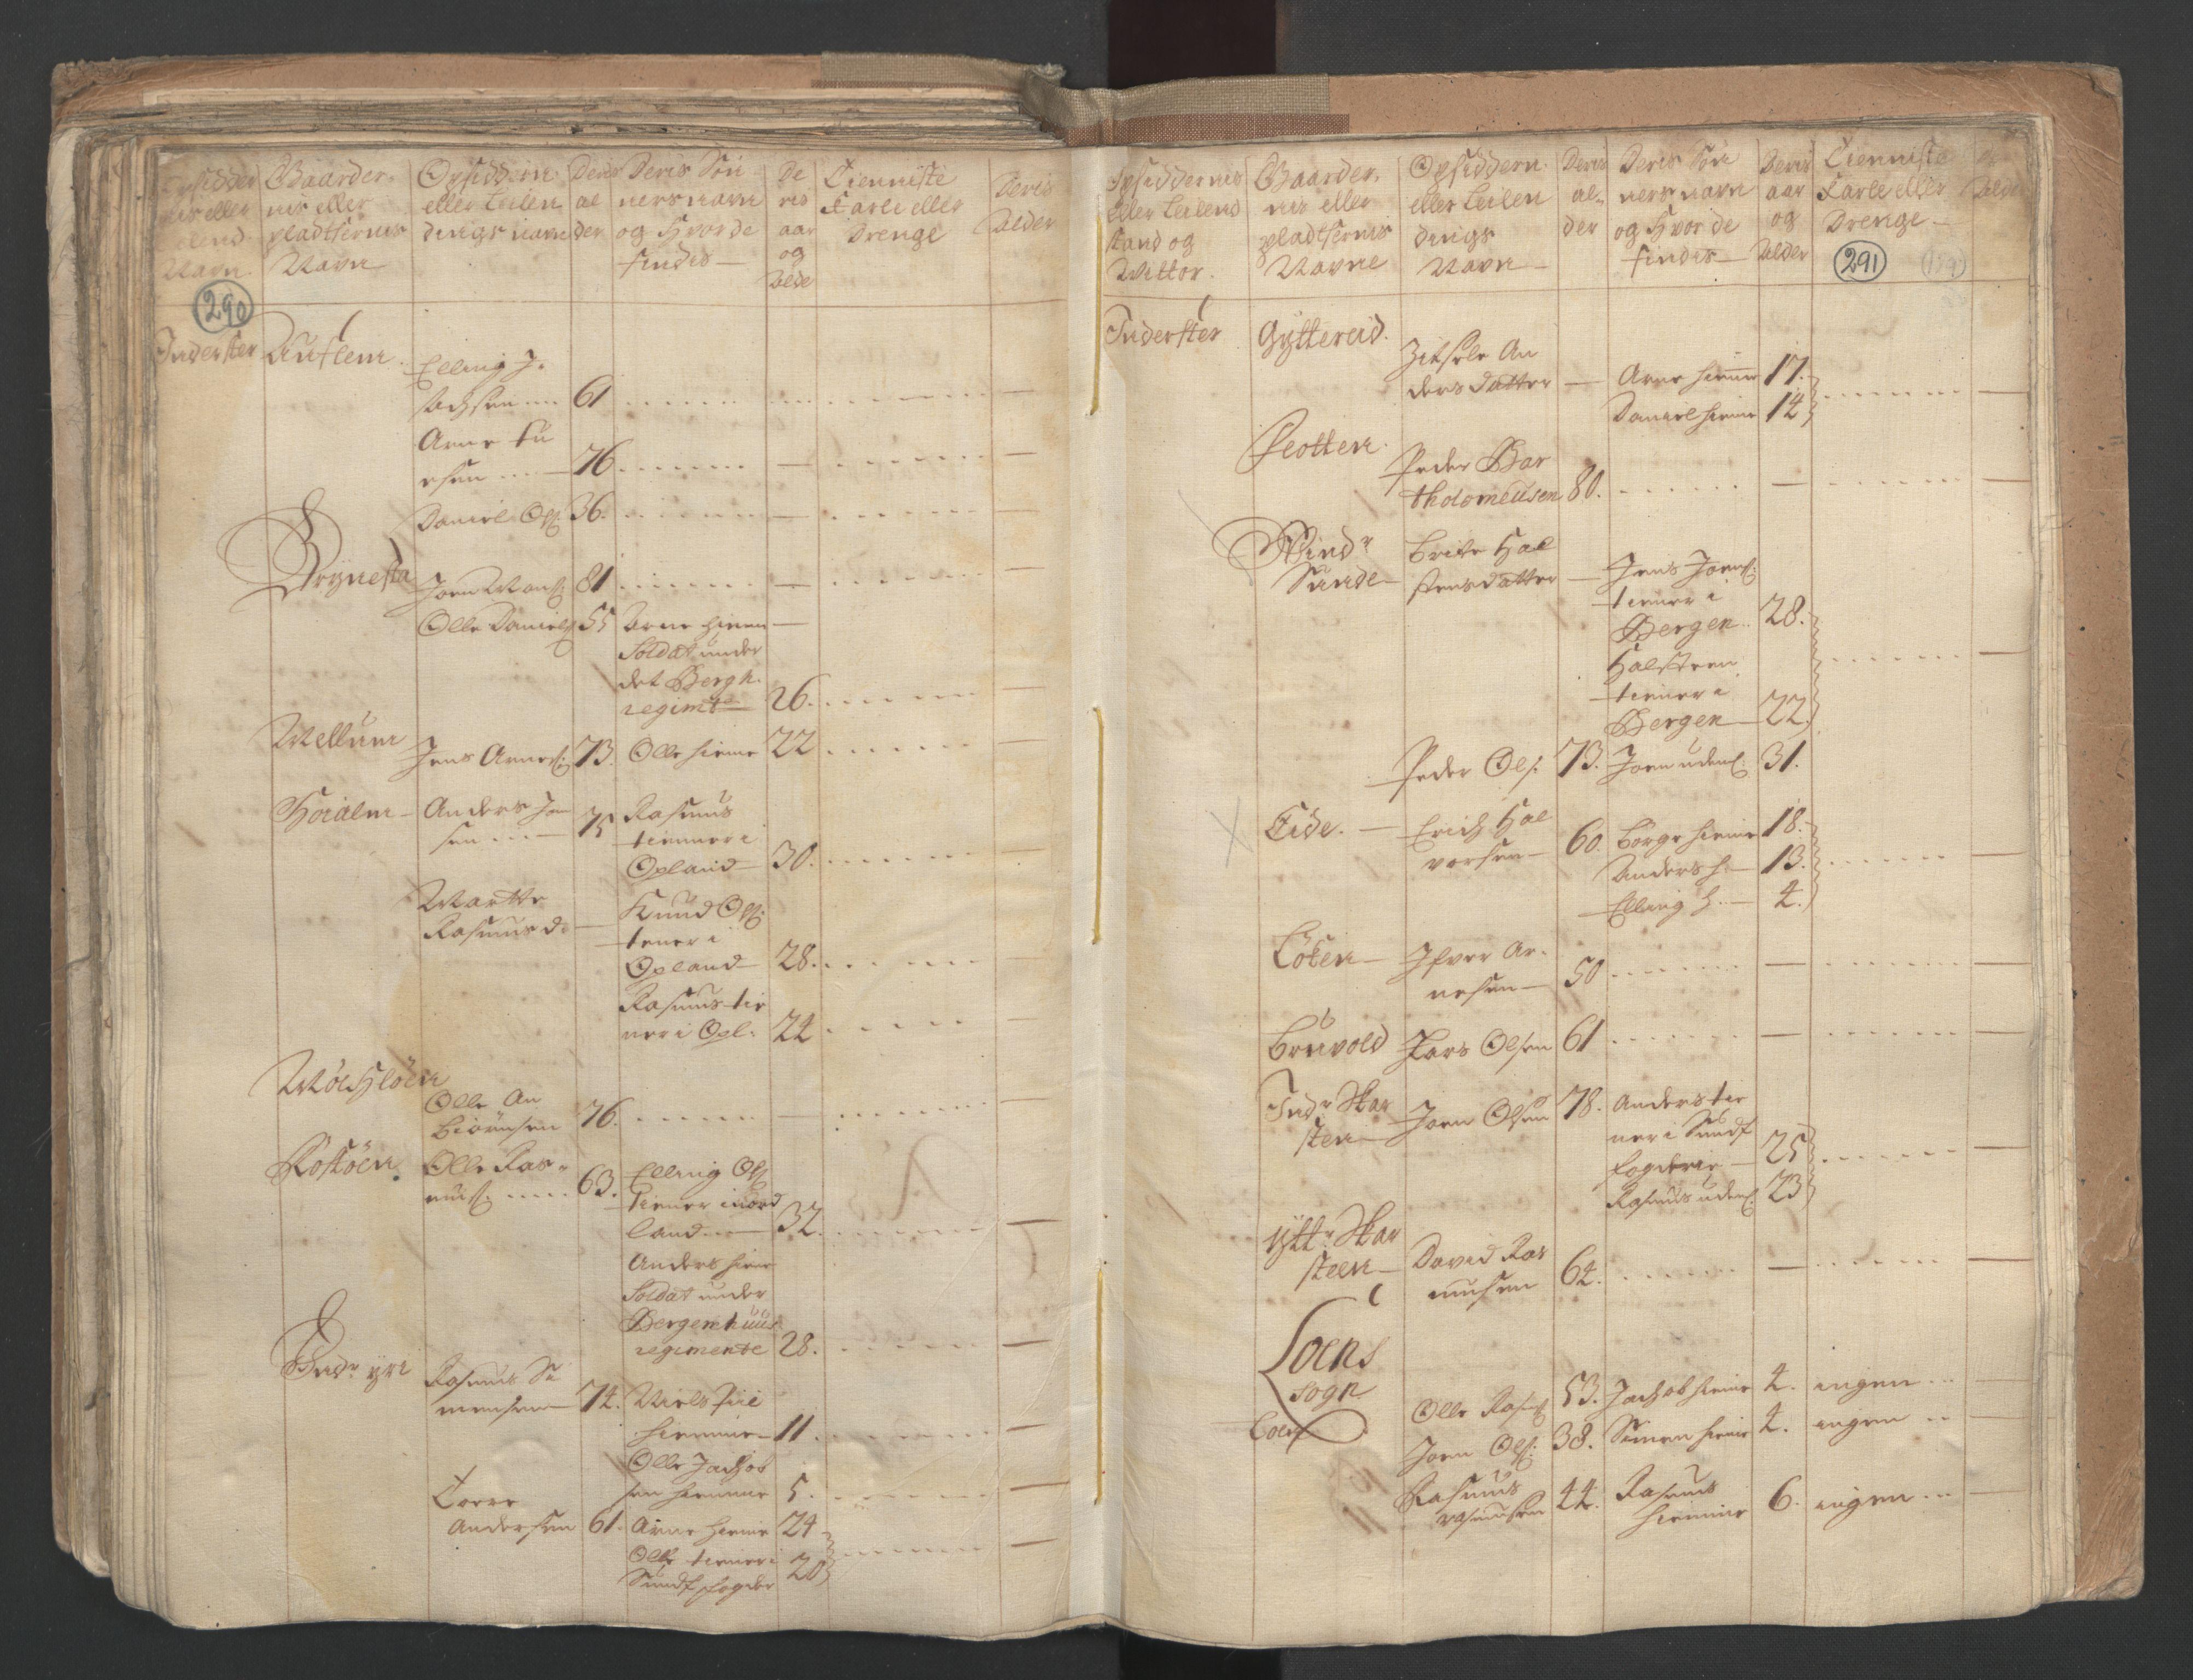 RA, Manntallet 1701, nr. 9: Sunnfjord fogderi, Nordfjord fogderi og Svanø birk, 1701, s. 290-291